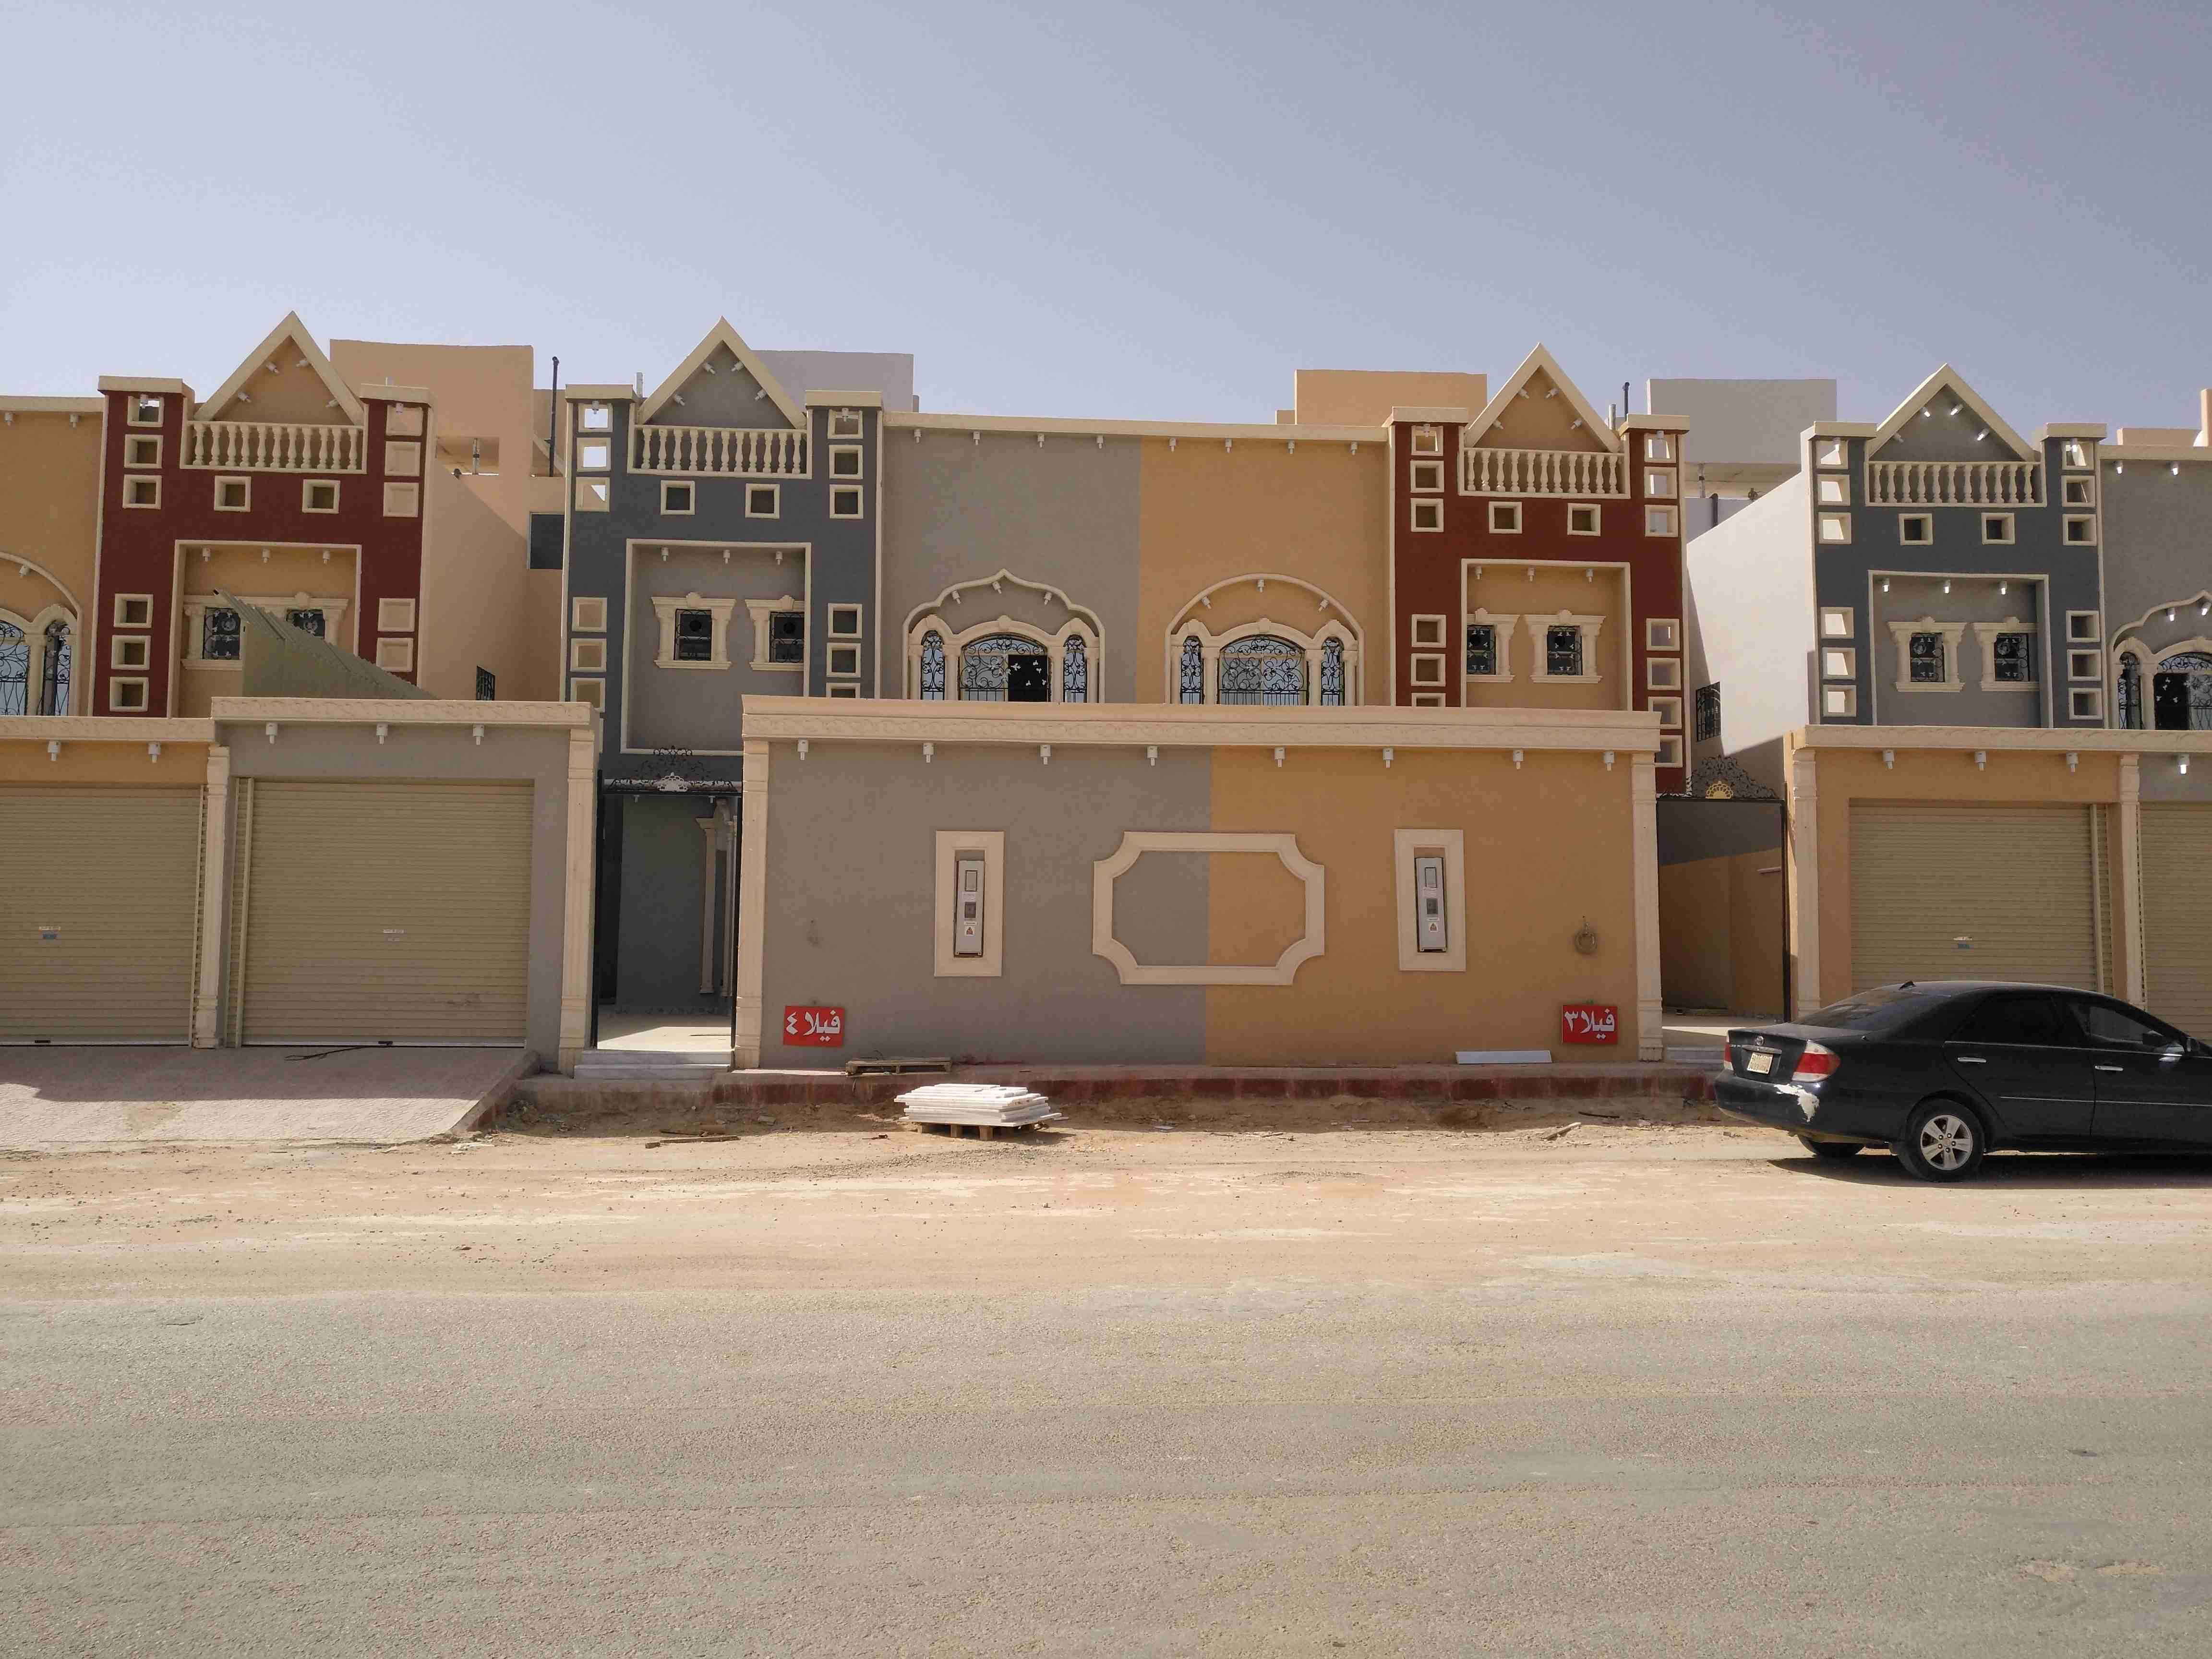 فيلا سكنية في إمارة عجمان منطقة مصفوت جديده اول ساكن QR-  فيلا للبيع دبلكس درج صالة...